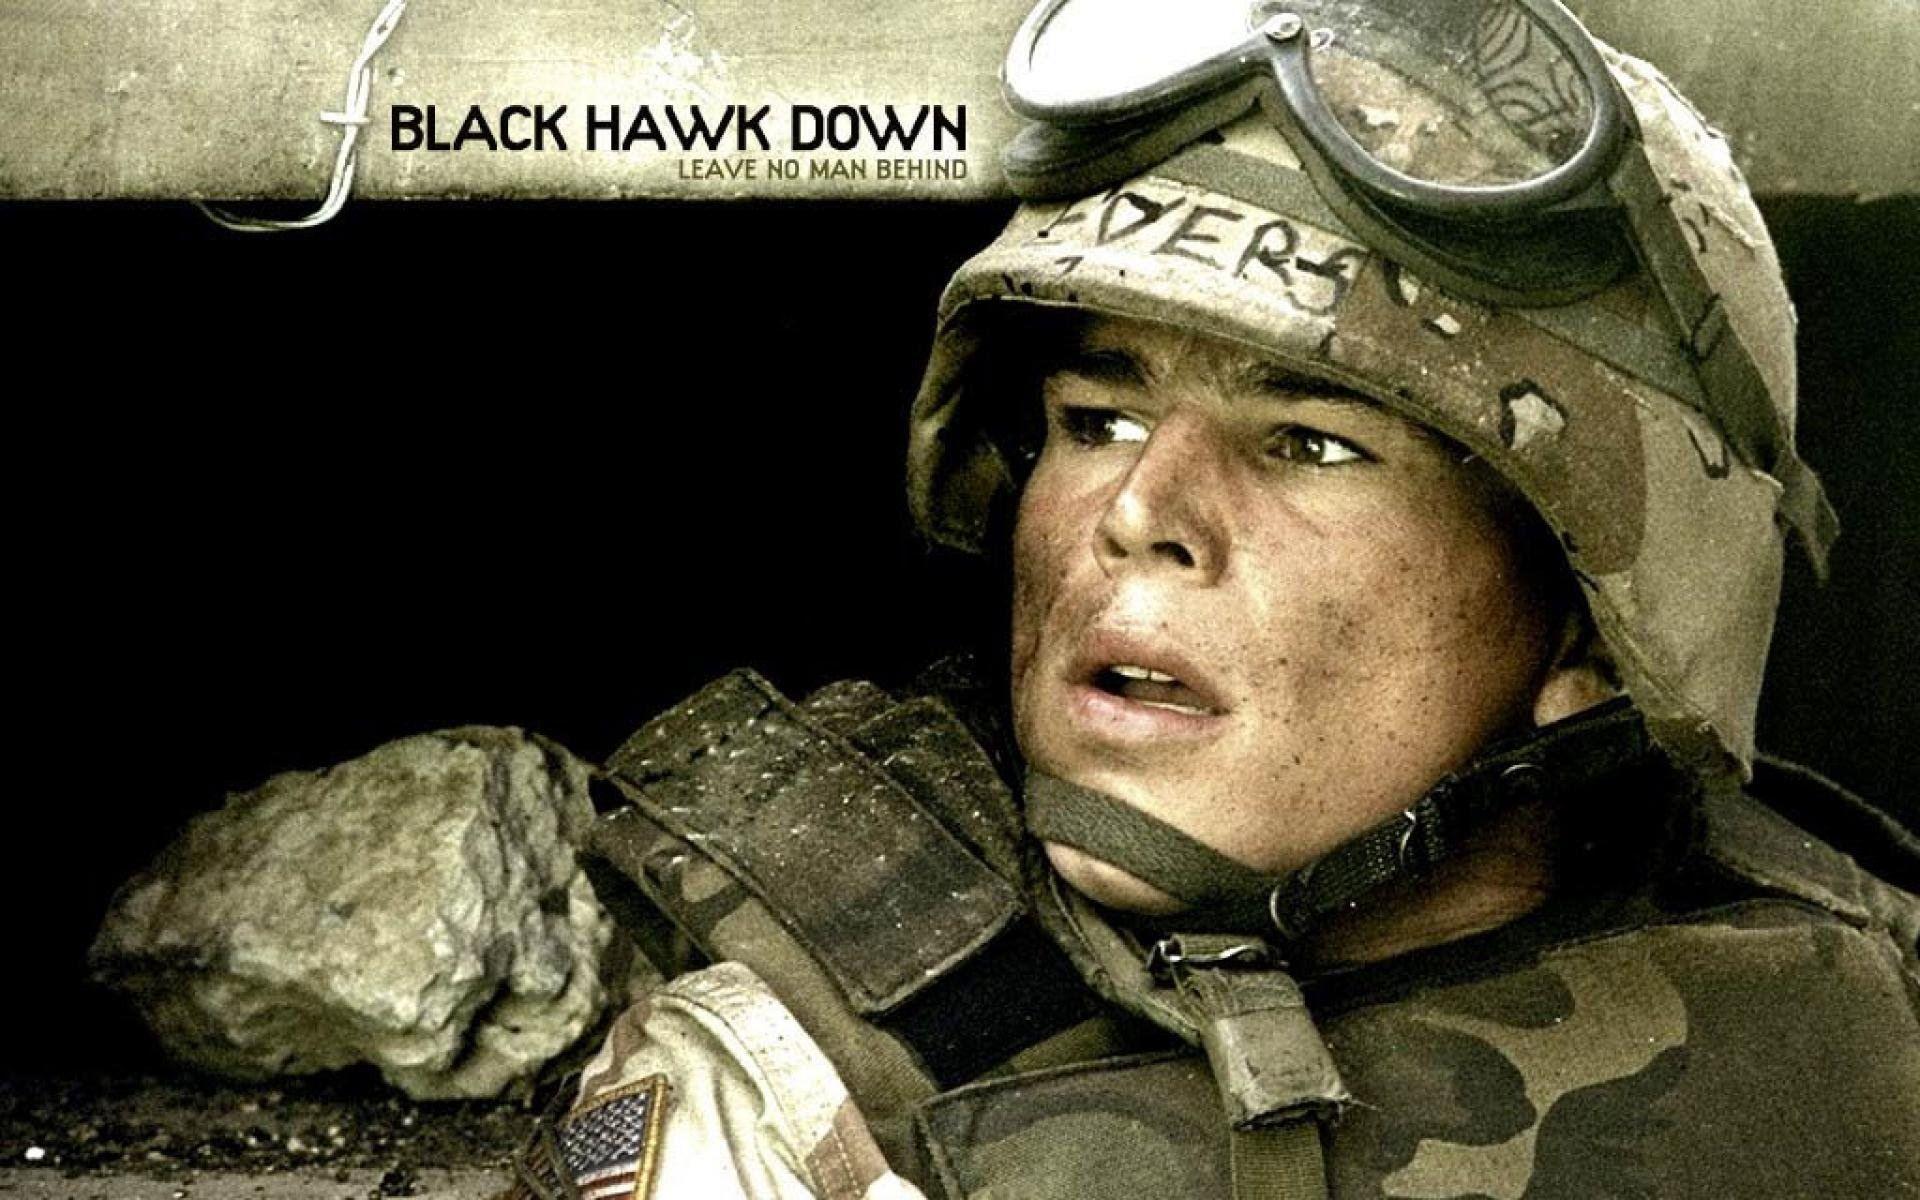 Black Hawk Down Black Hawk Down Josh Hartnett Black Hawk